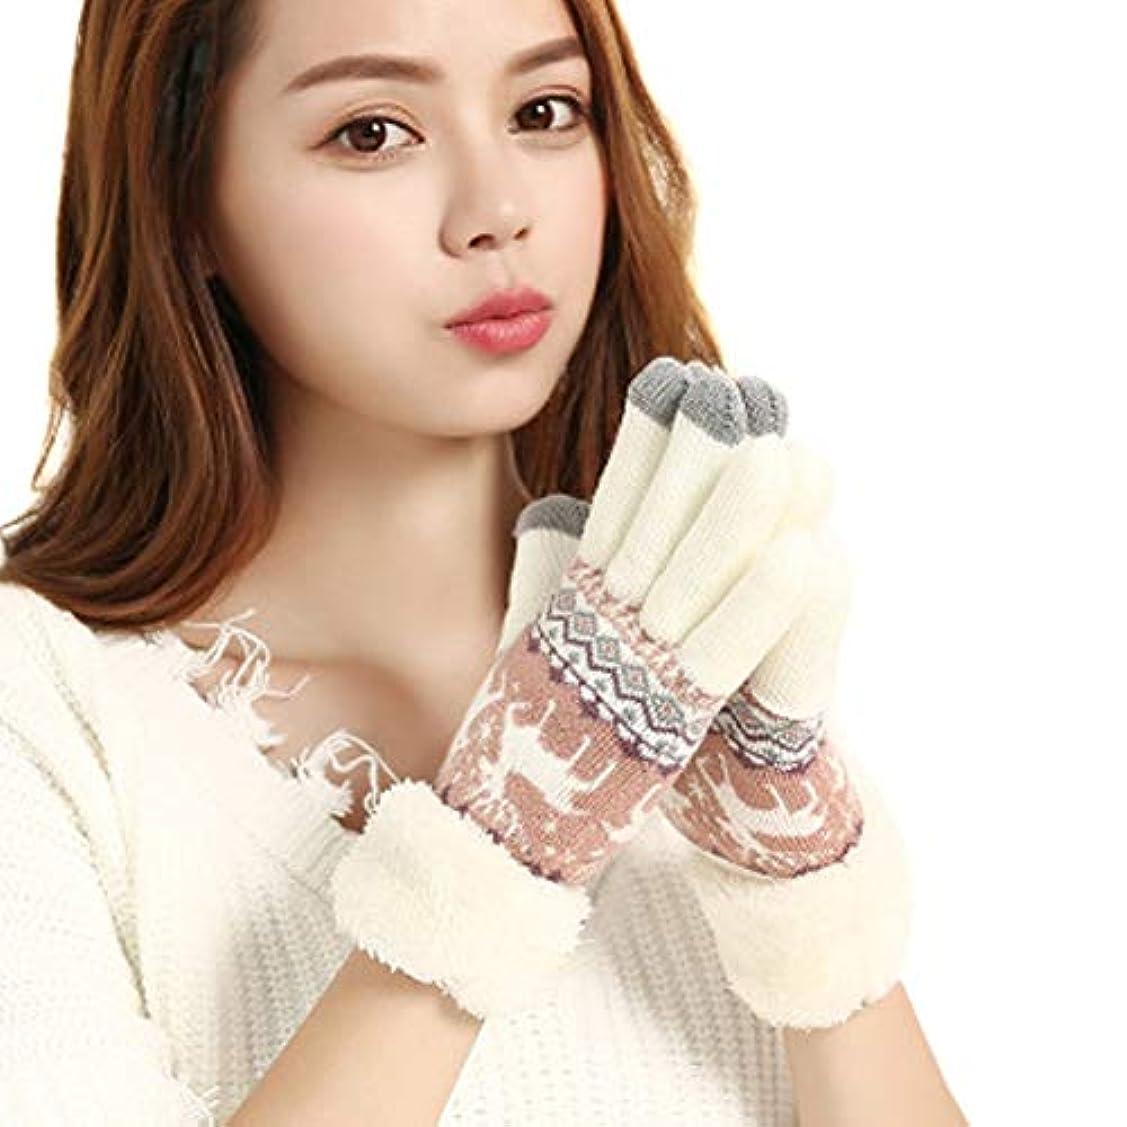 誘導腸海外Tengfly Women Touchscreen Gloves, Winter Warm Knit Gloves,Soft Extra-Warm Fleece Touchscreen Gloves,Snow Flower Knitting Thicken For Women Winter Outdoor 2019 New Christmas Gift